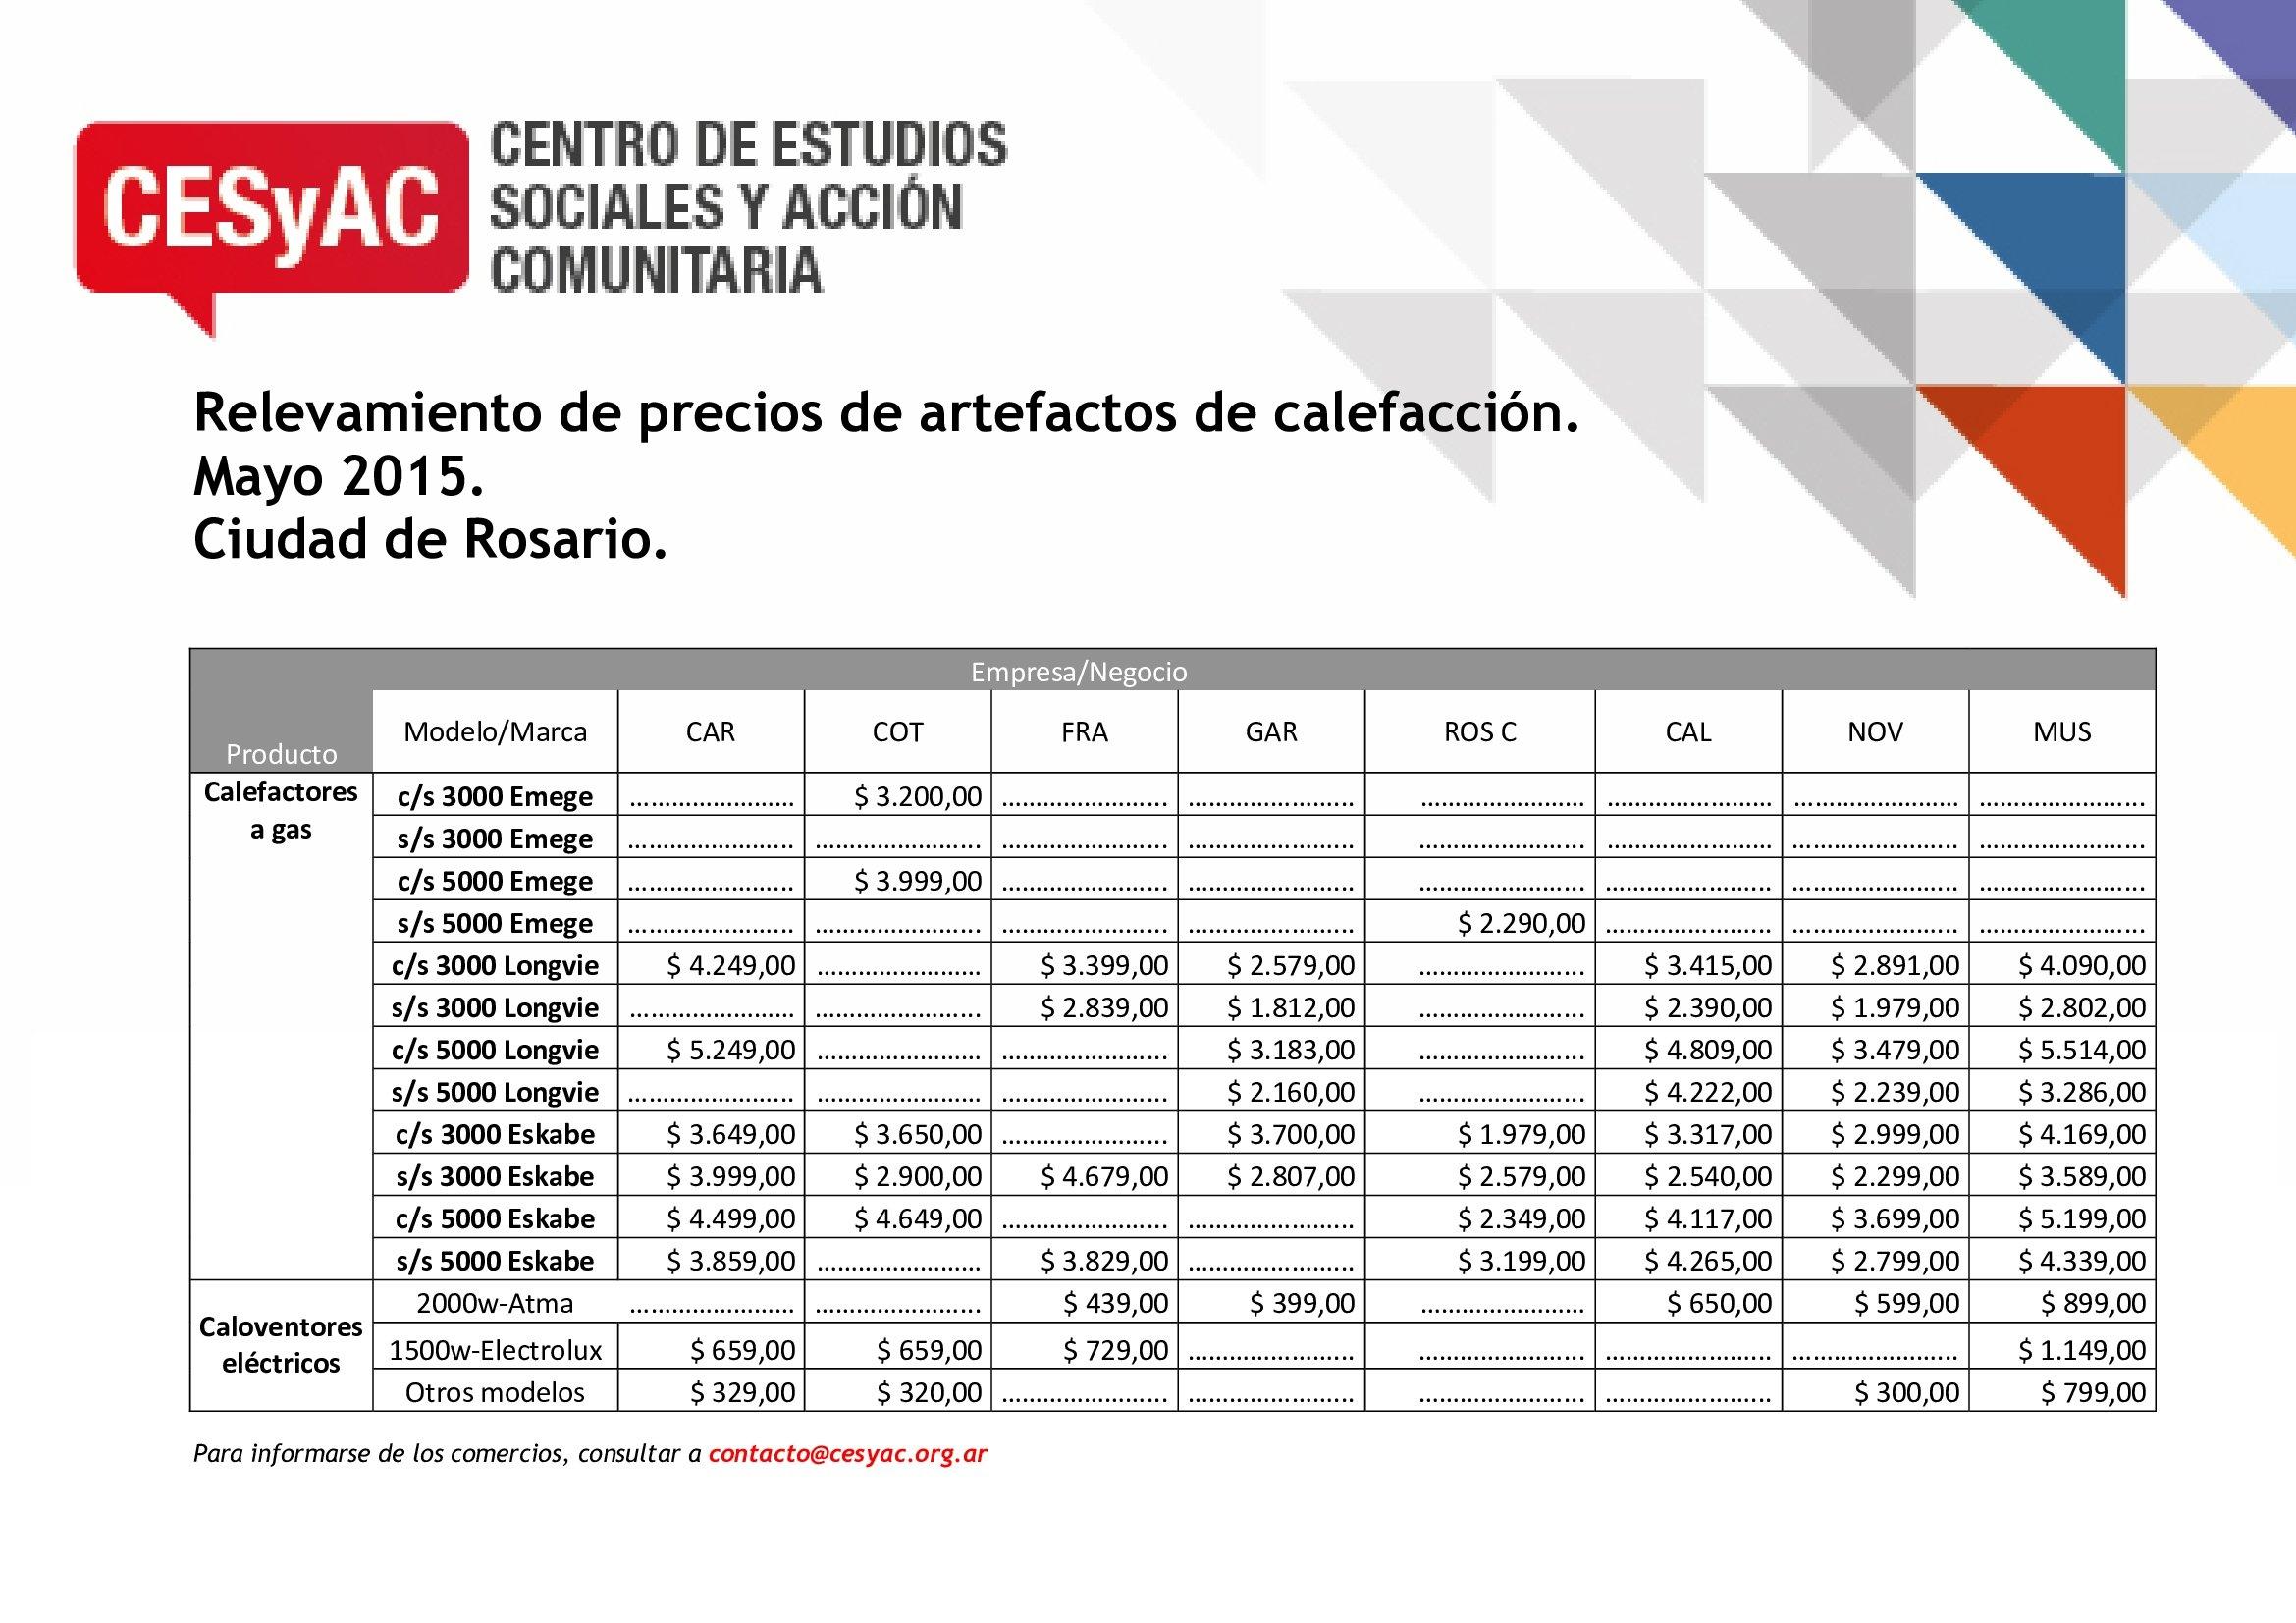 Cesyac relev precios de artefactos de calefacci n for Precios de artefactos para bano